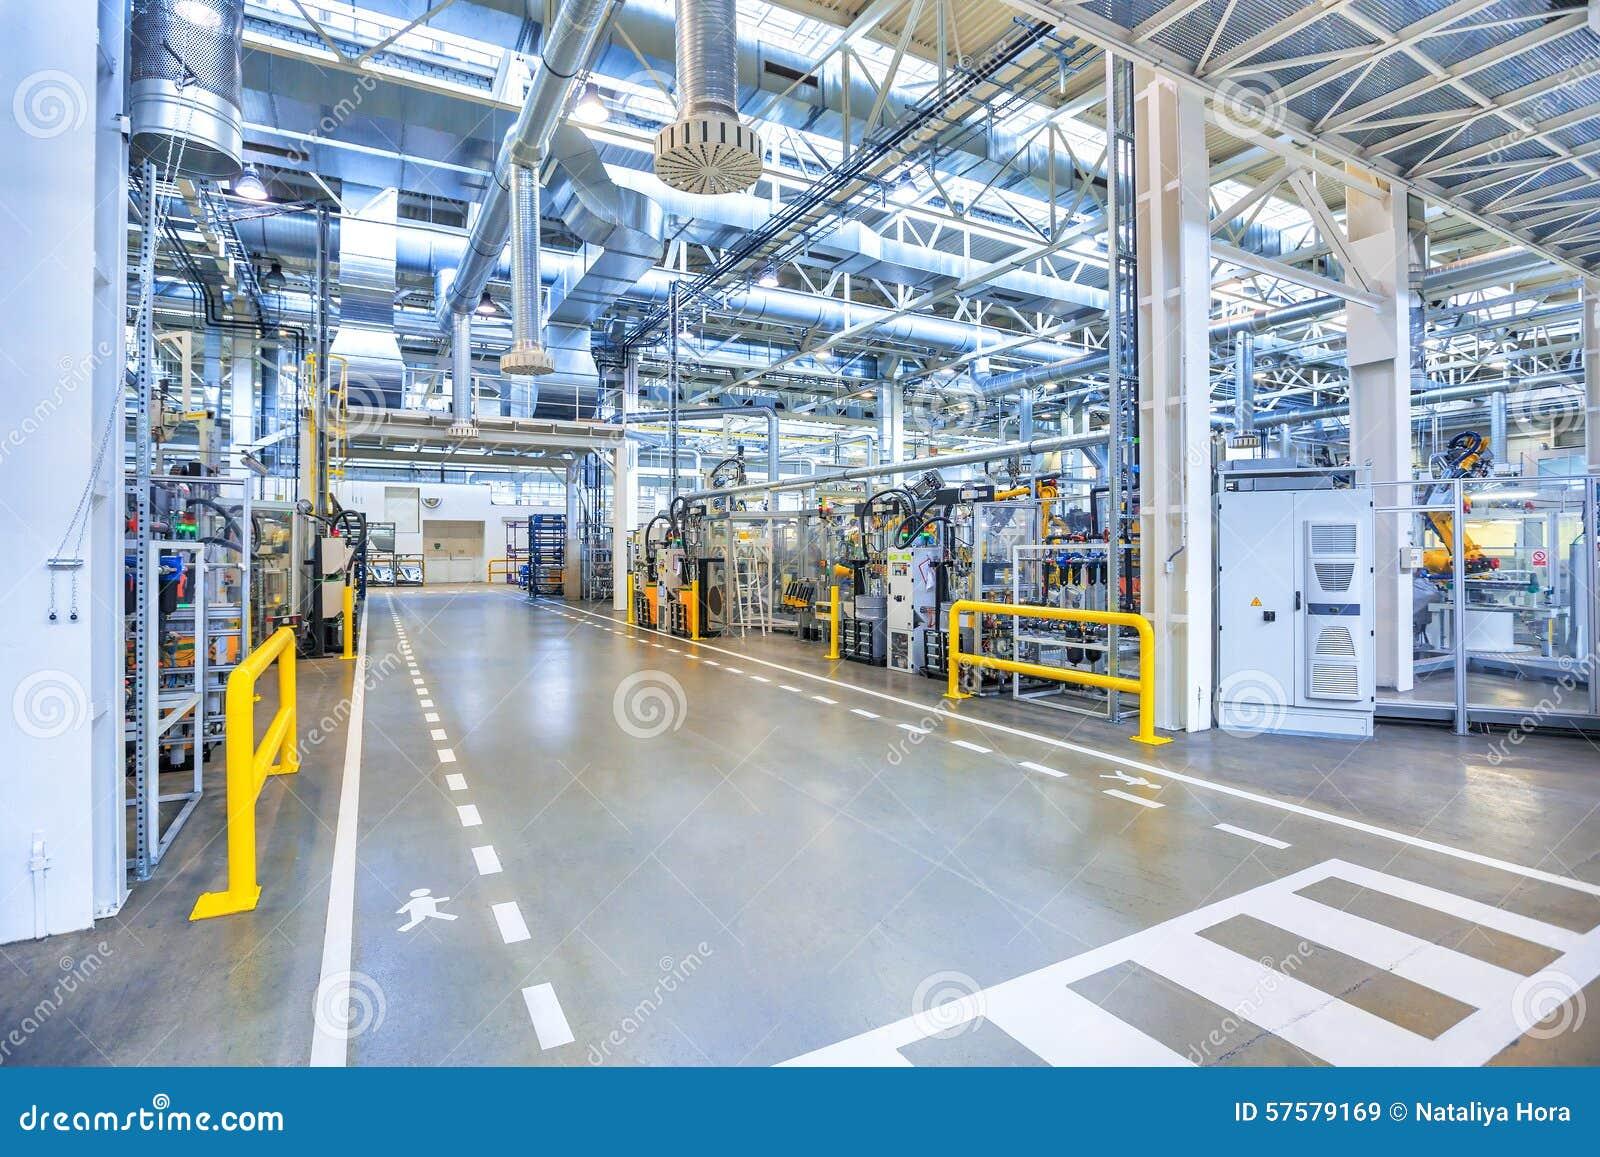 Industrial Floor Plans Industrial Background Stock Image Image Of Floor